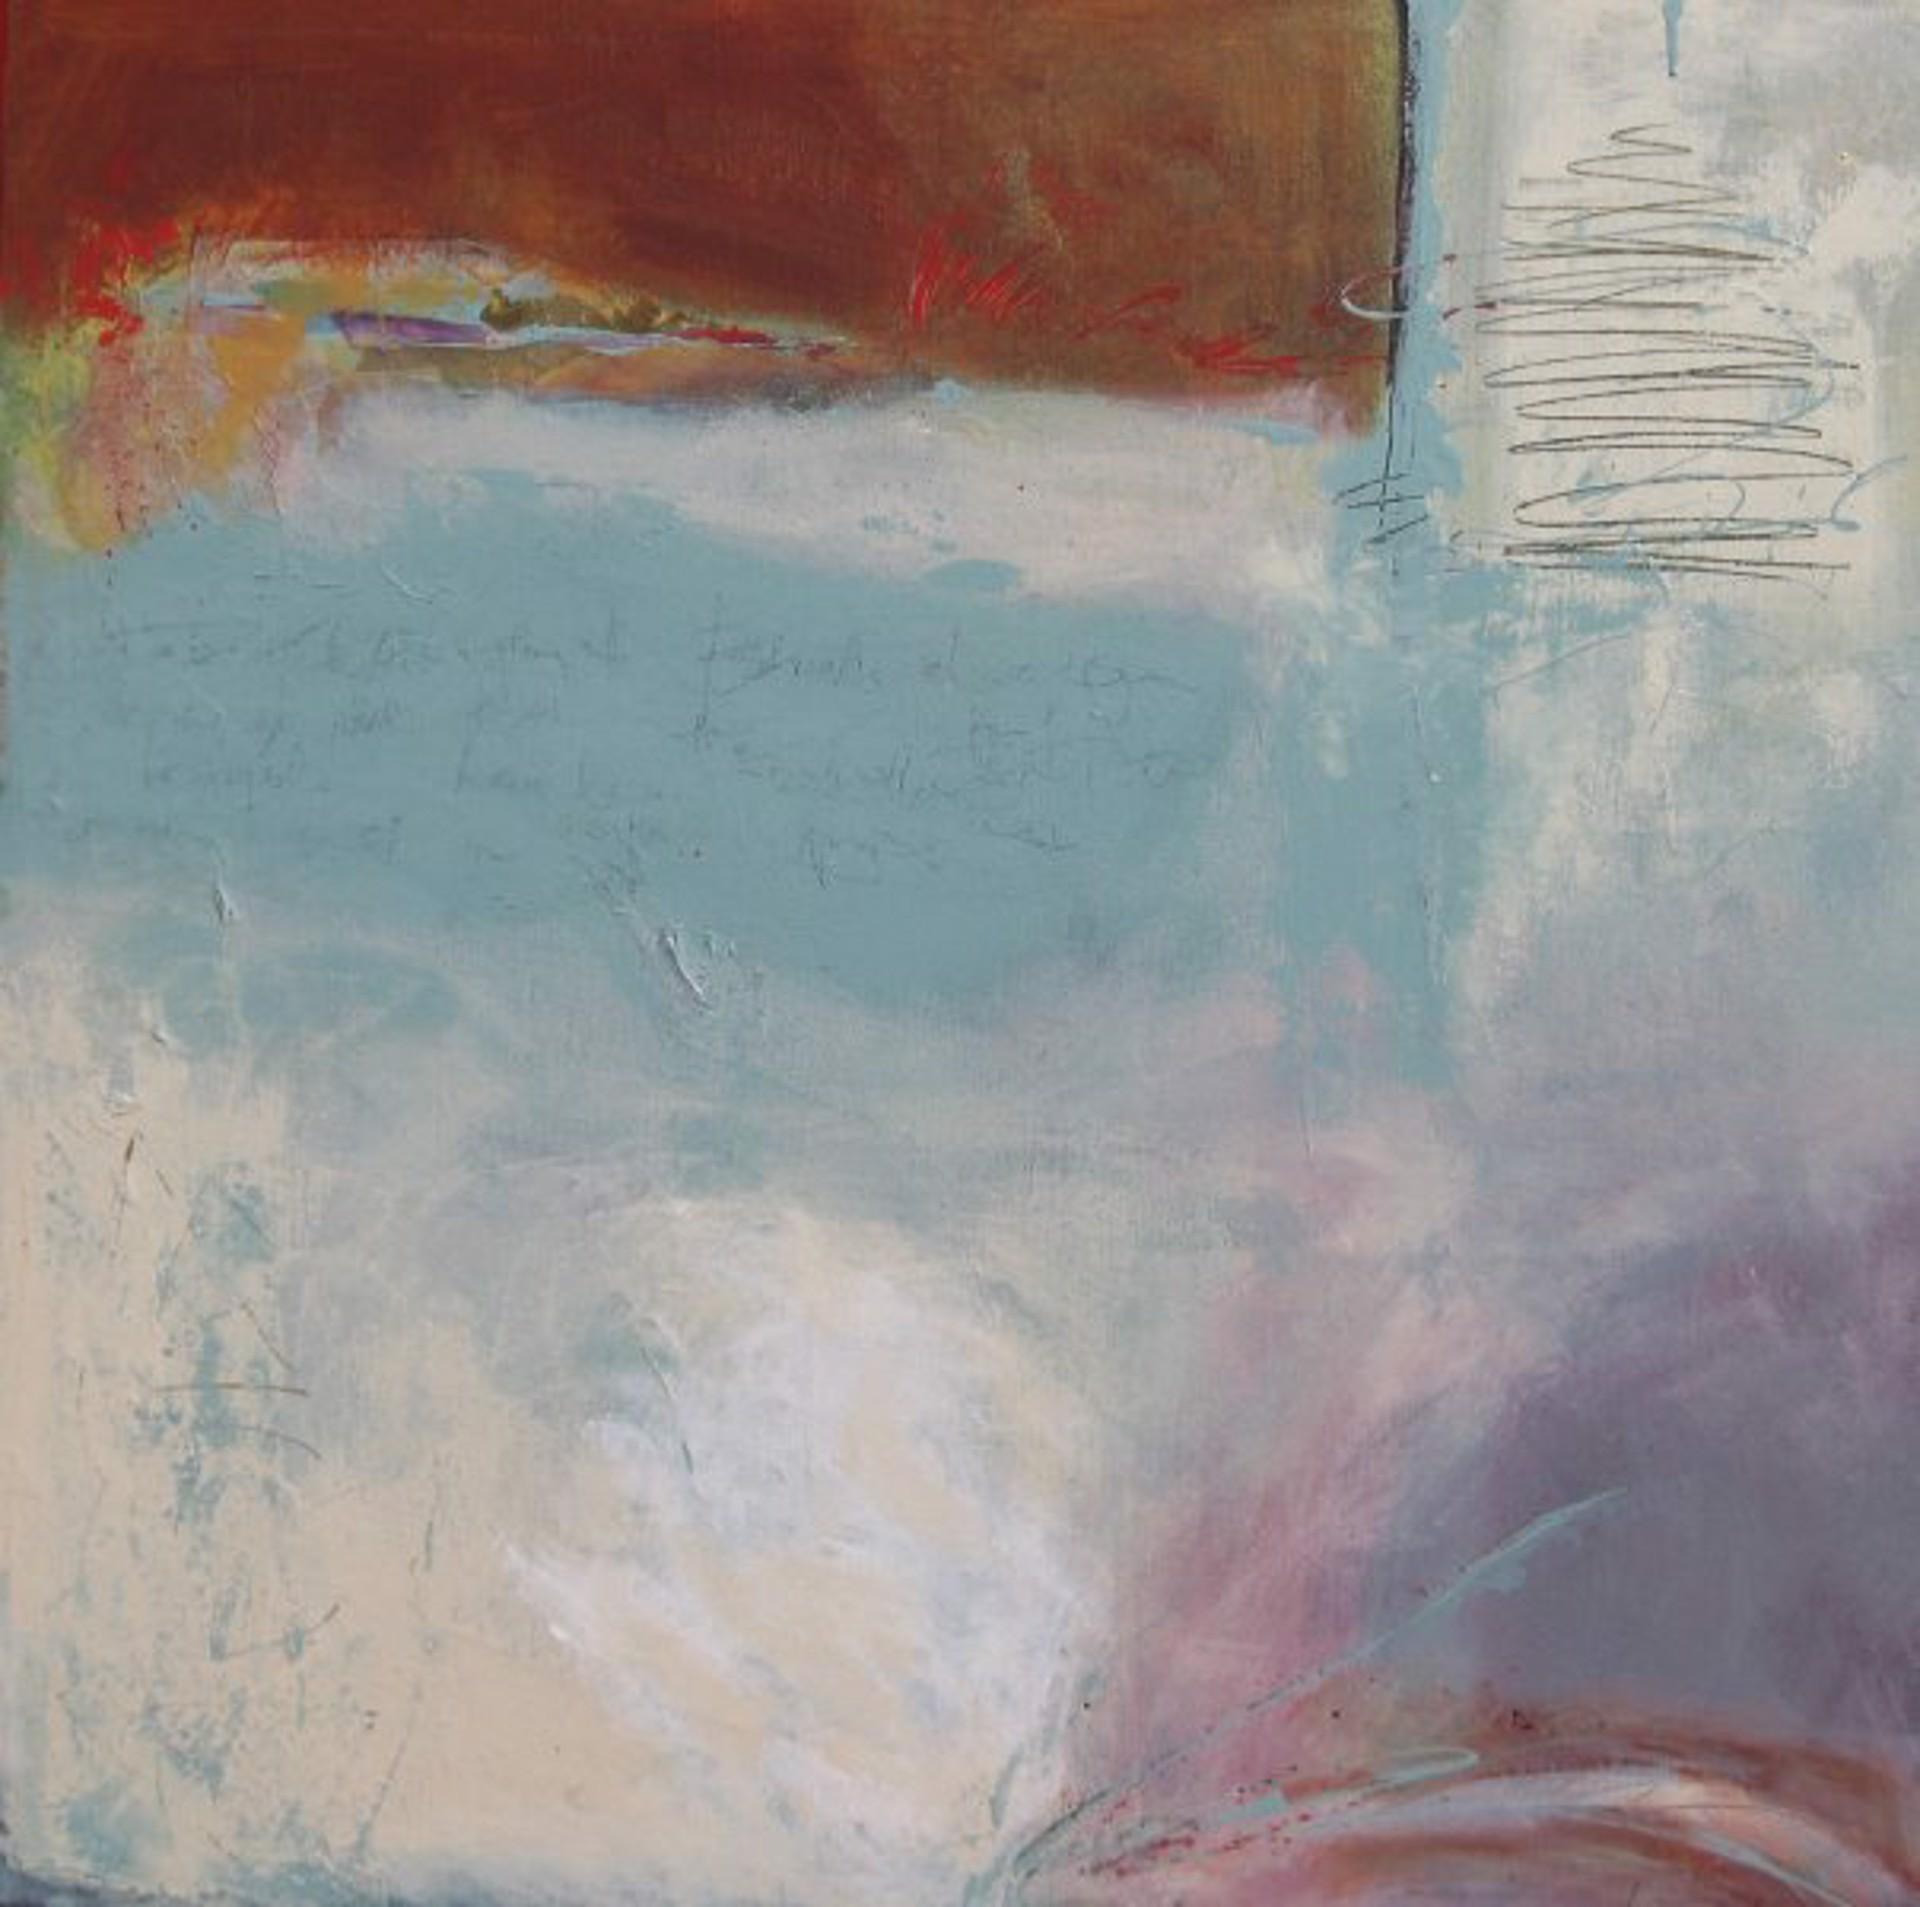 Sunstone Series II by Nancy Tuttle May